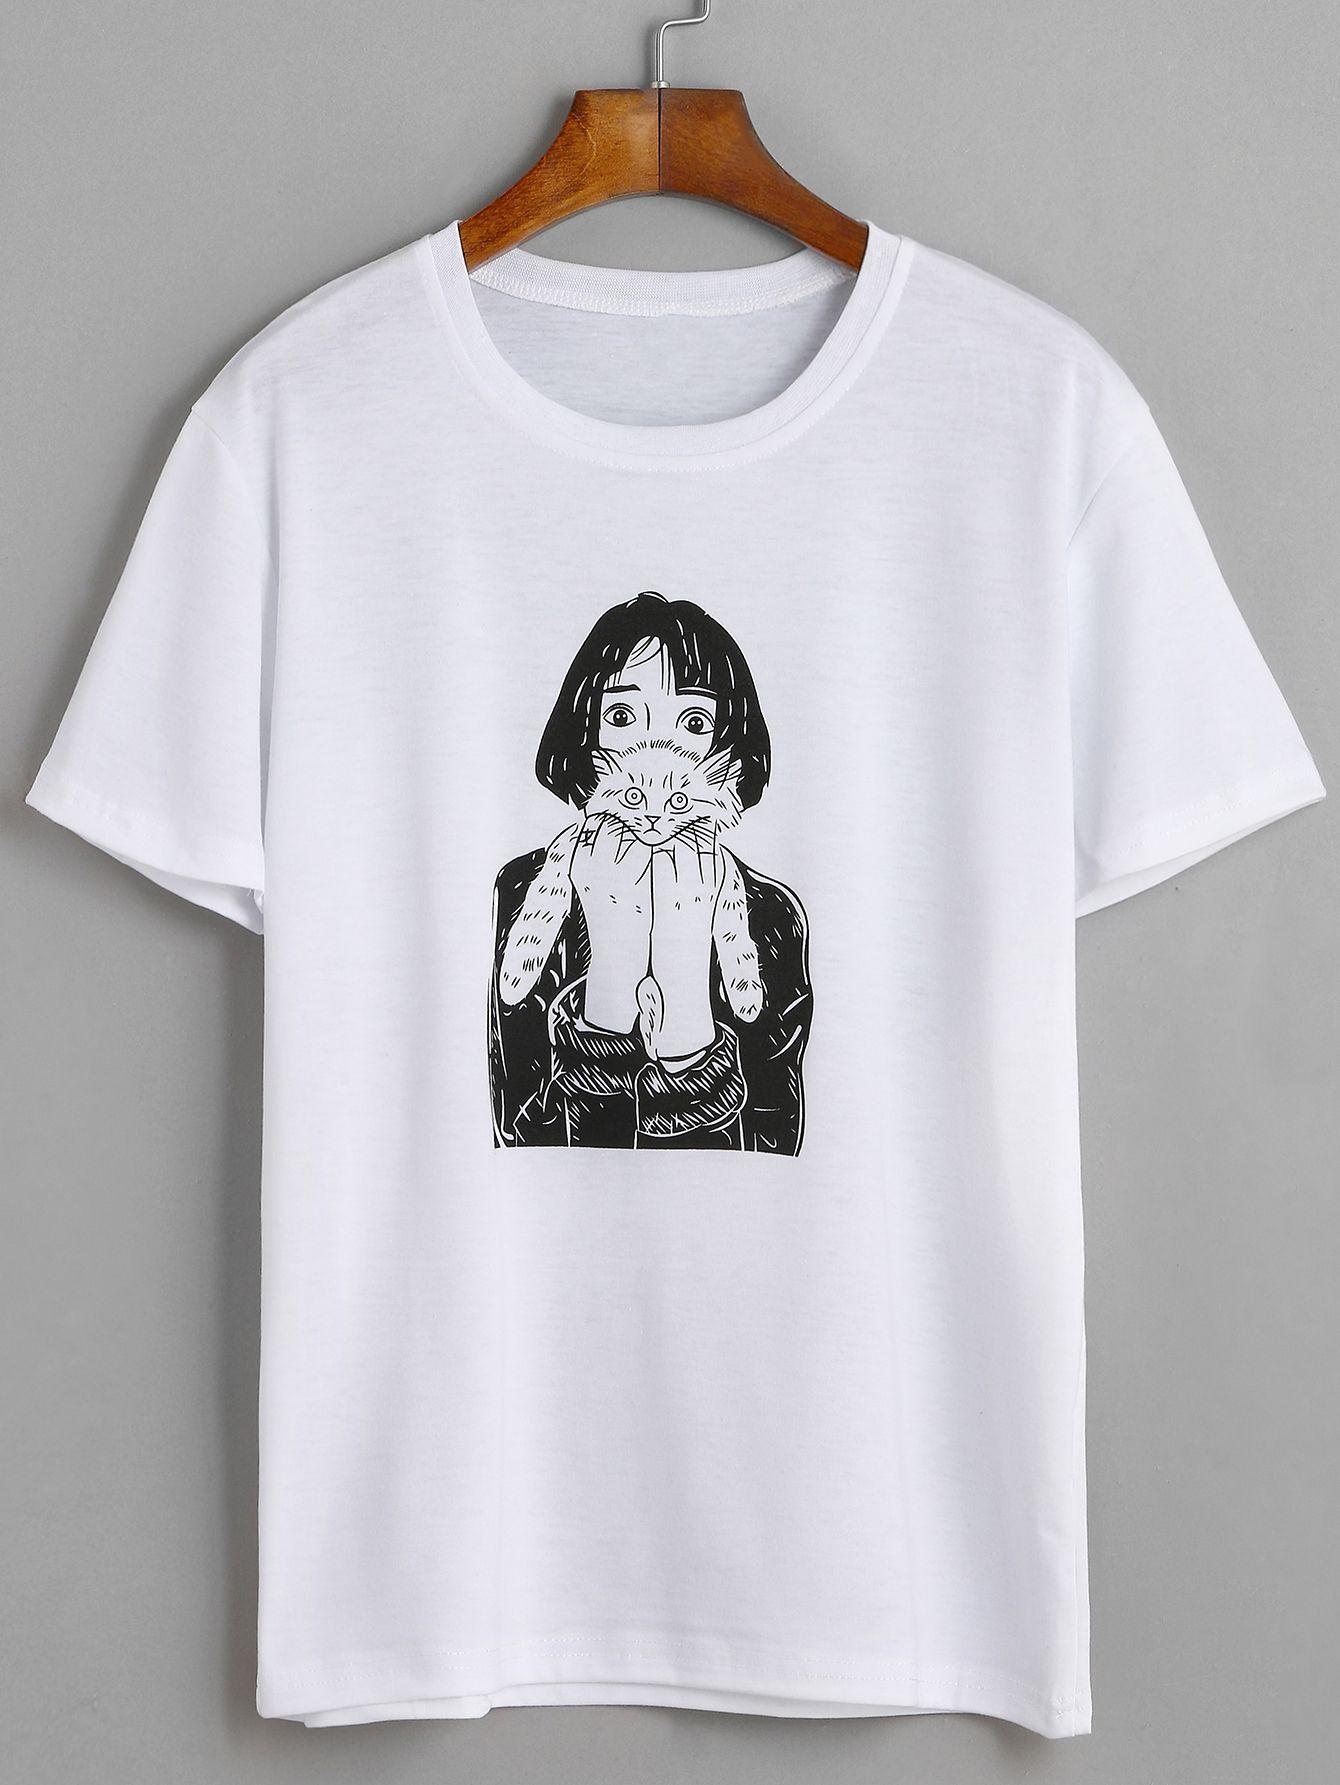 Картинки по запросу t shirts girl футбоРки Pinterest